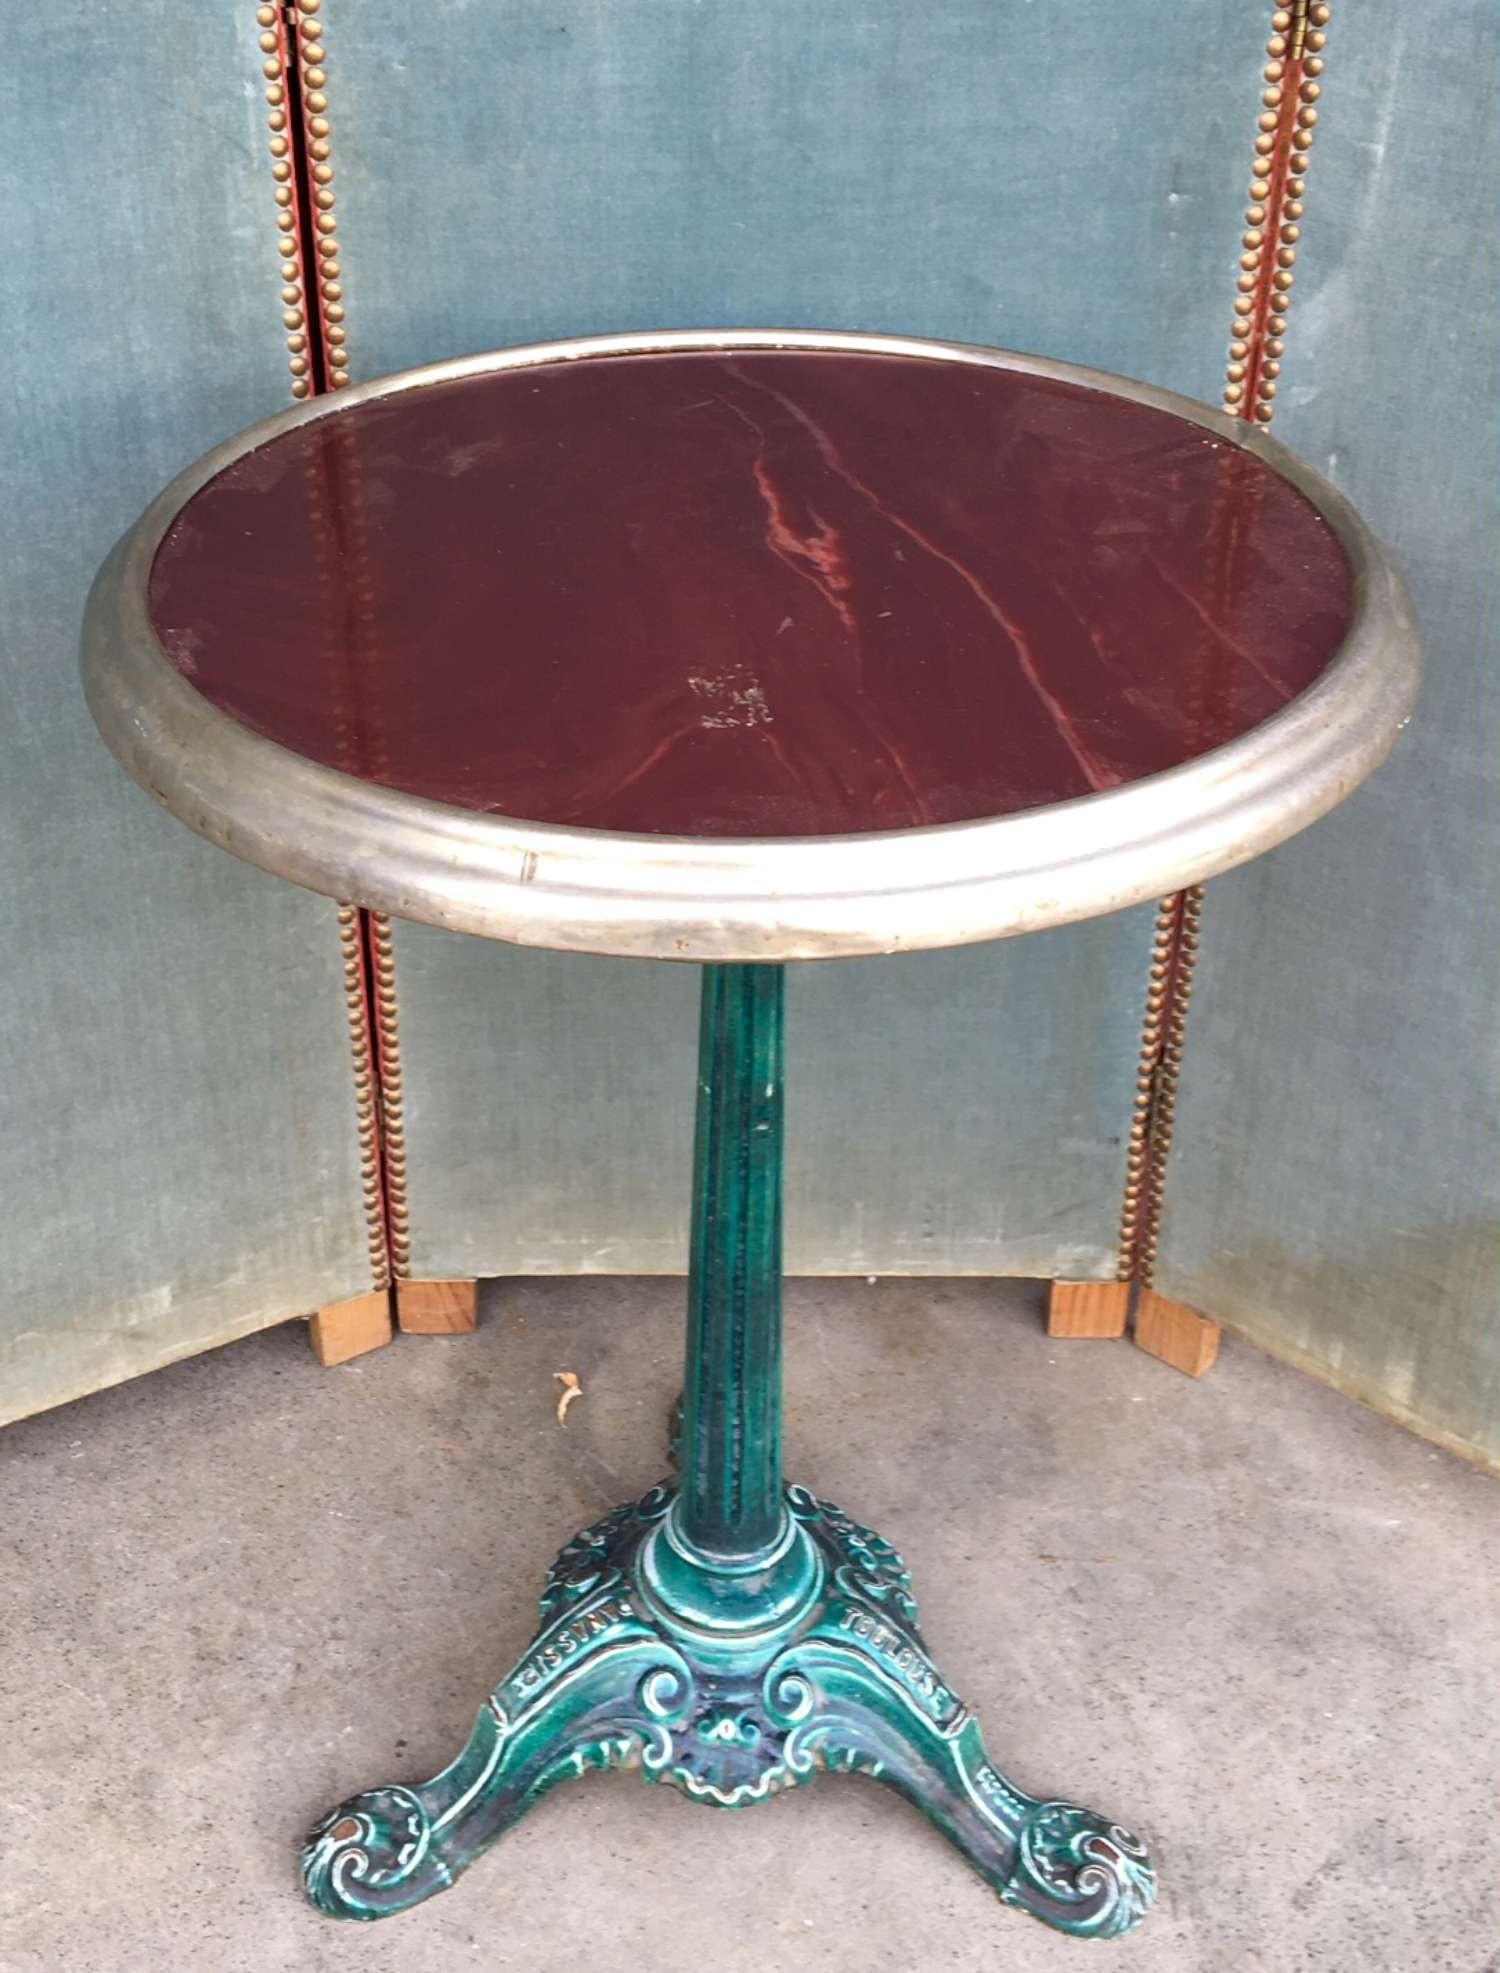 Bistro tafel marmer blad vernikkeld koperen rand groen geëmailleerd gietijzeren poot